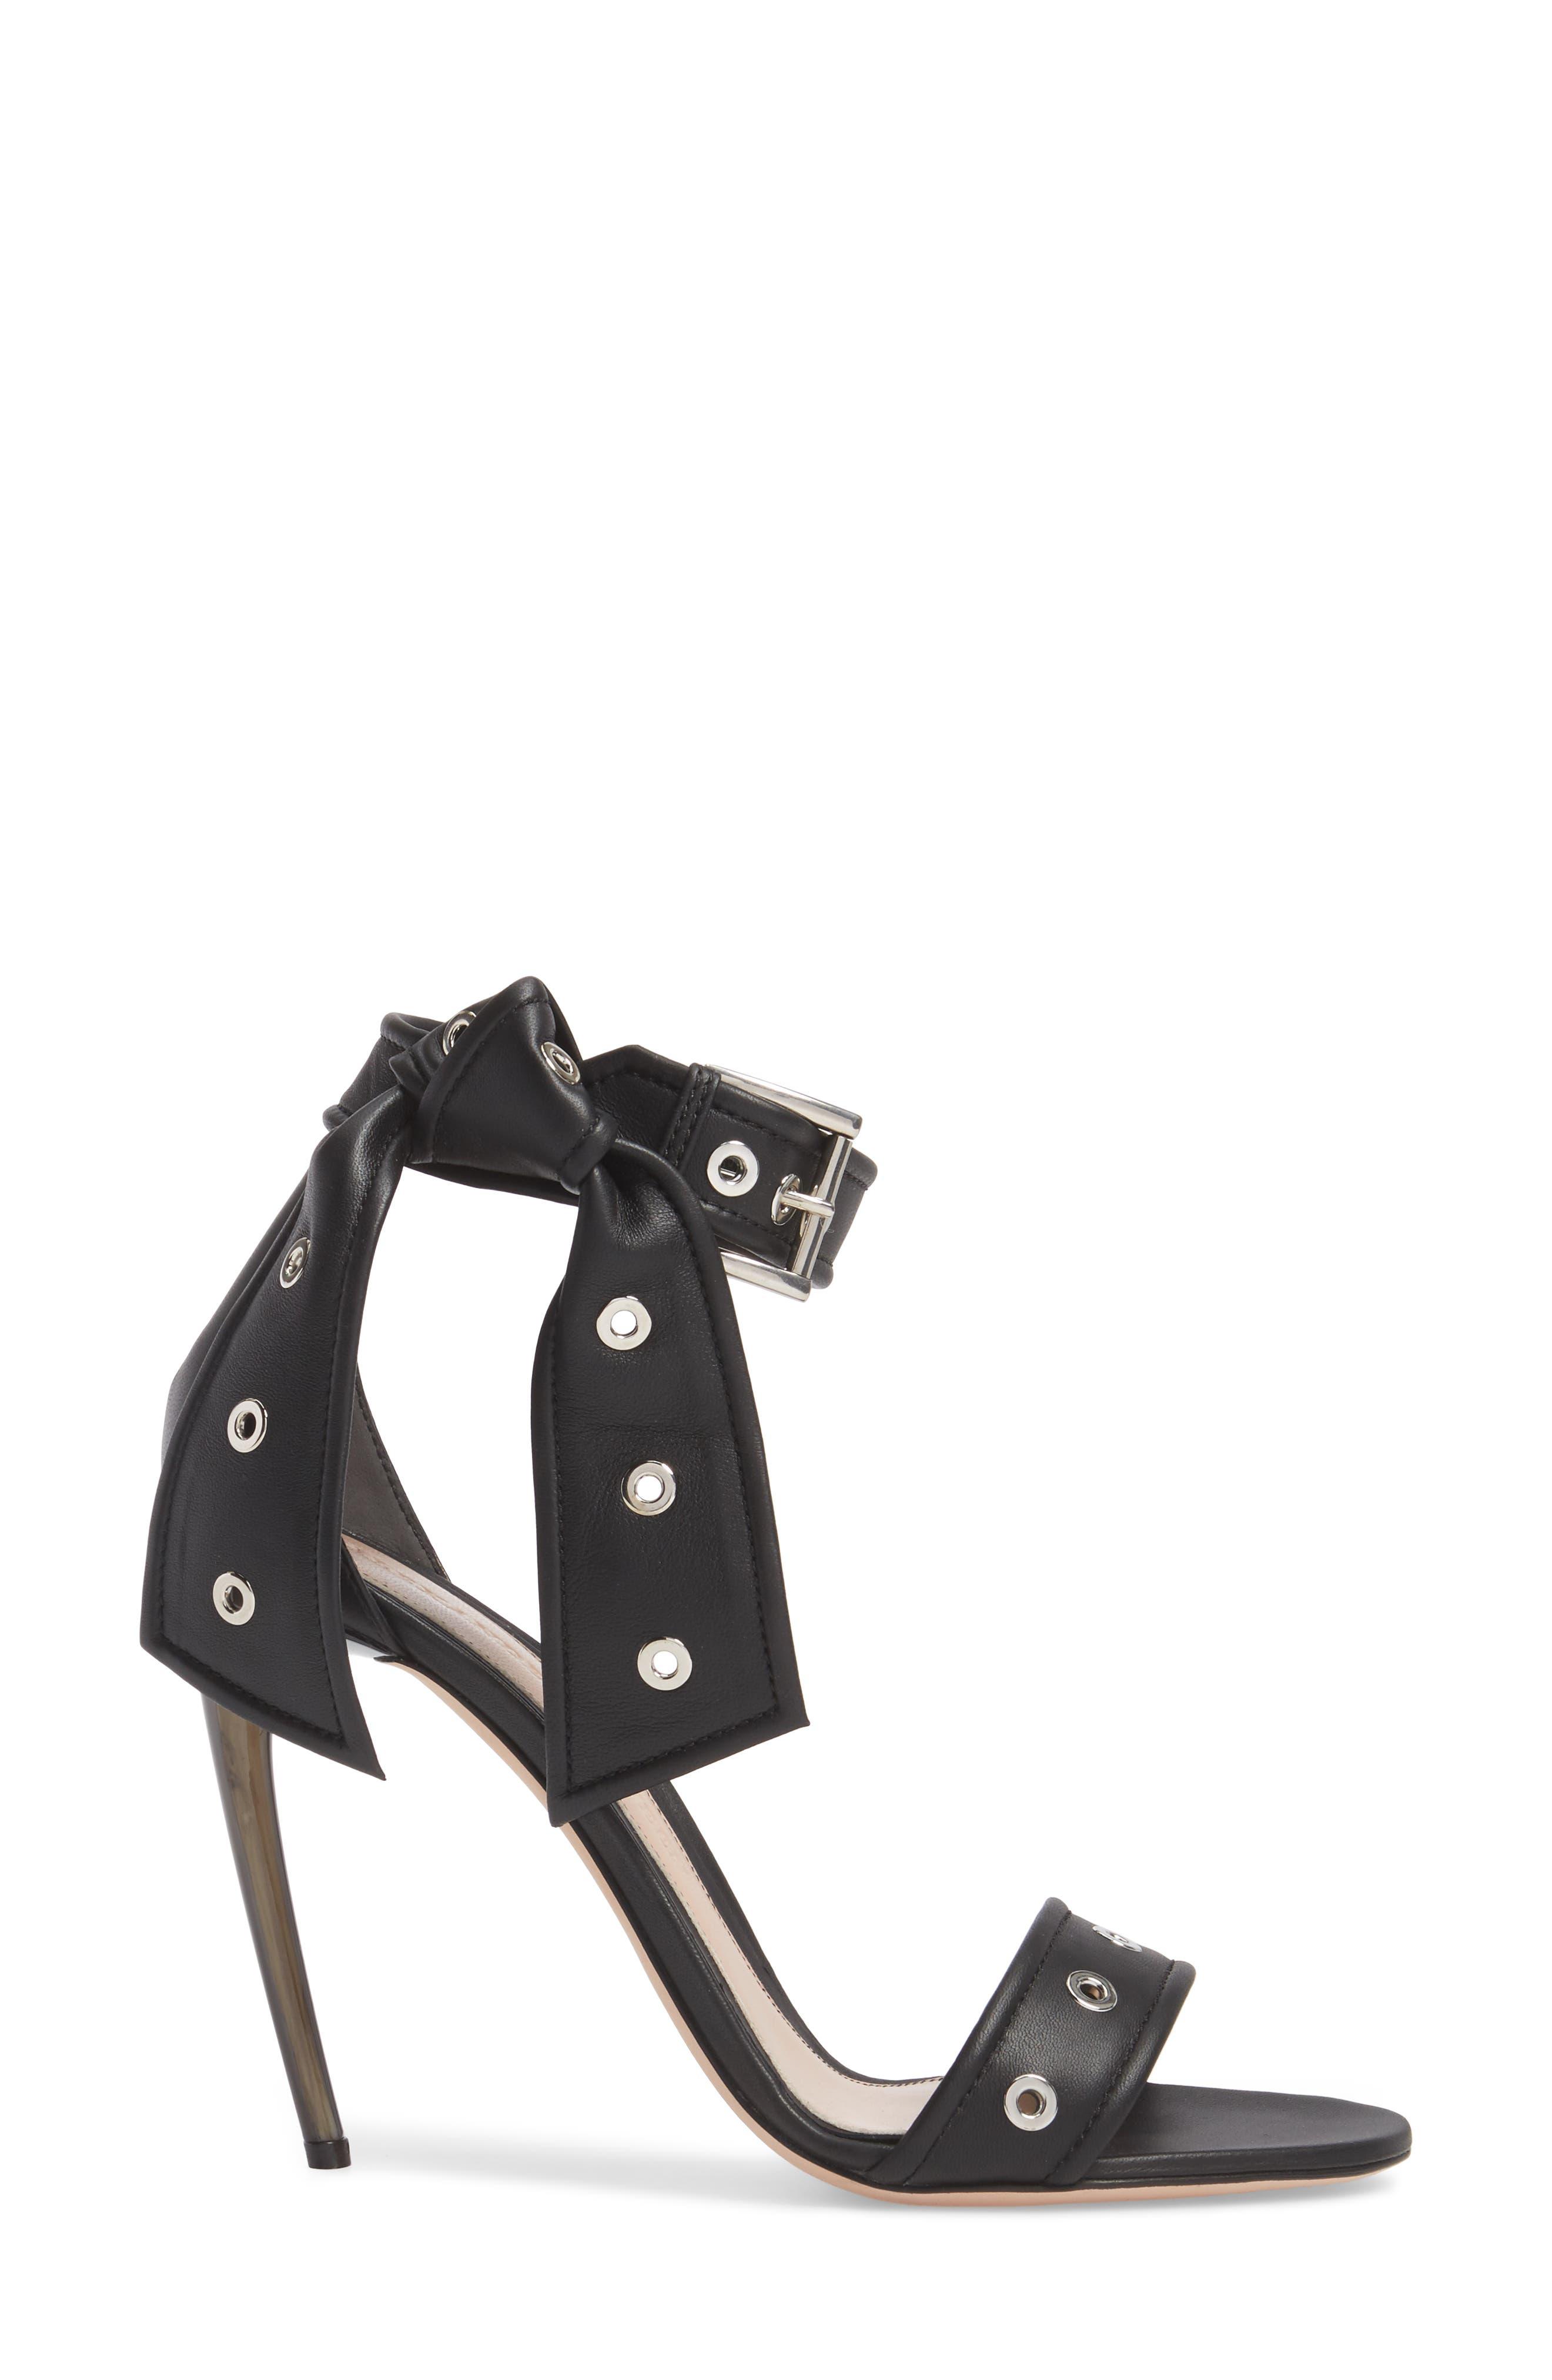 Grommet Ankle Strap Sandal,                             Alternate thumbnail 3, color,                             Black